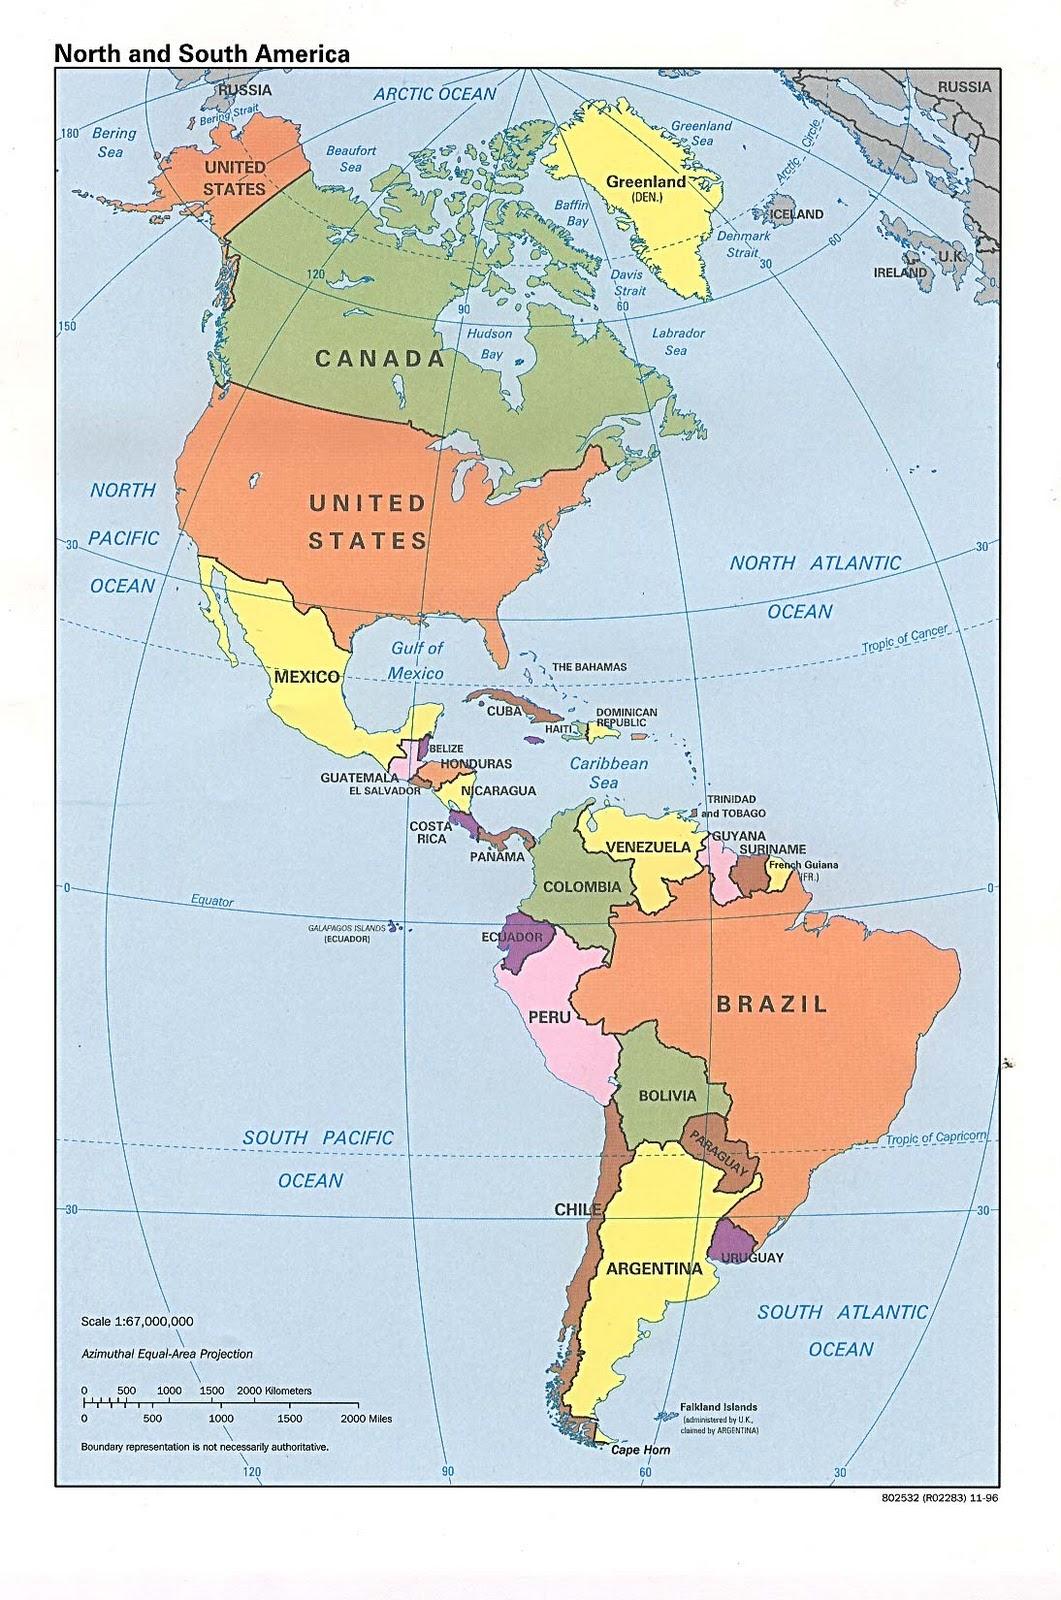 http://4.bp.blogspot.com/-AB0g2KQUkaA/TWS5YWSLXlI/AAAAAAAAABg/dMdK-RR4ppo/s1600/Map-of-the-Americas-1996.jpg